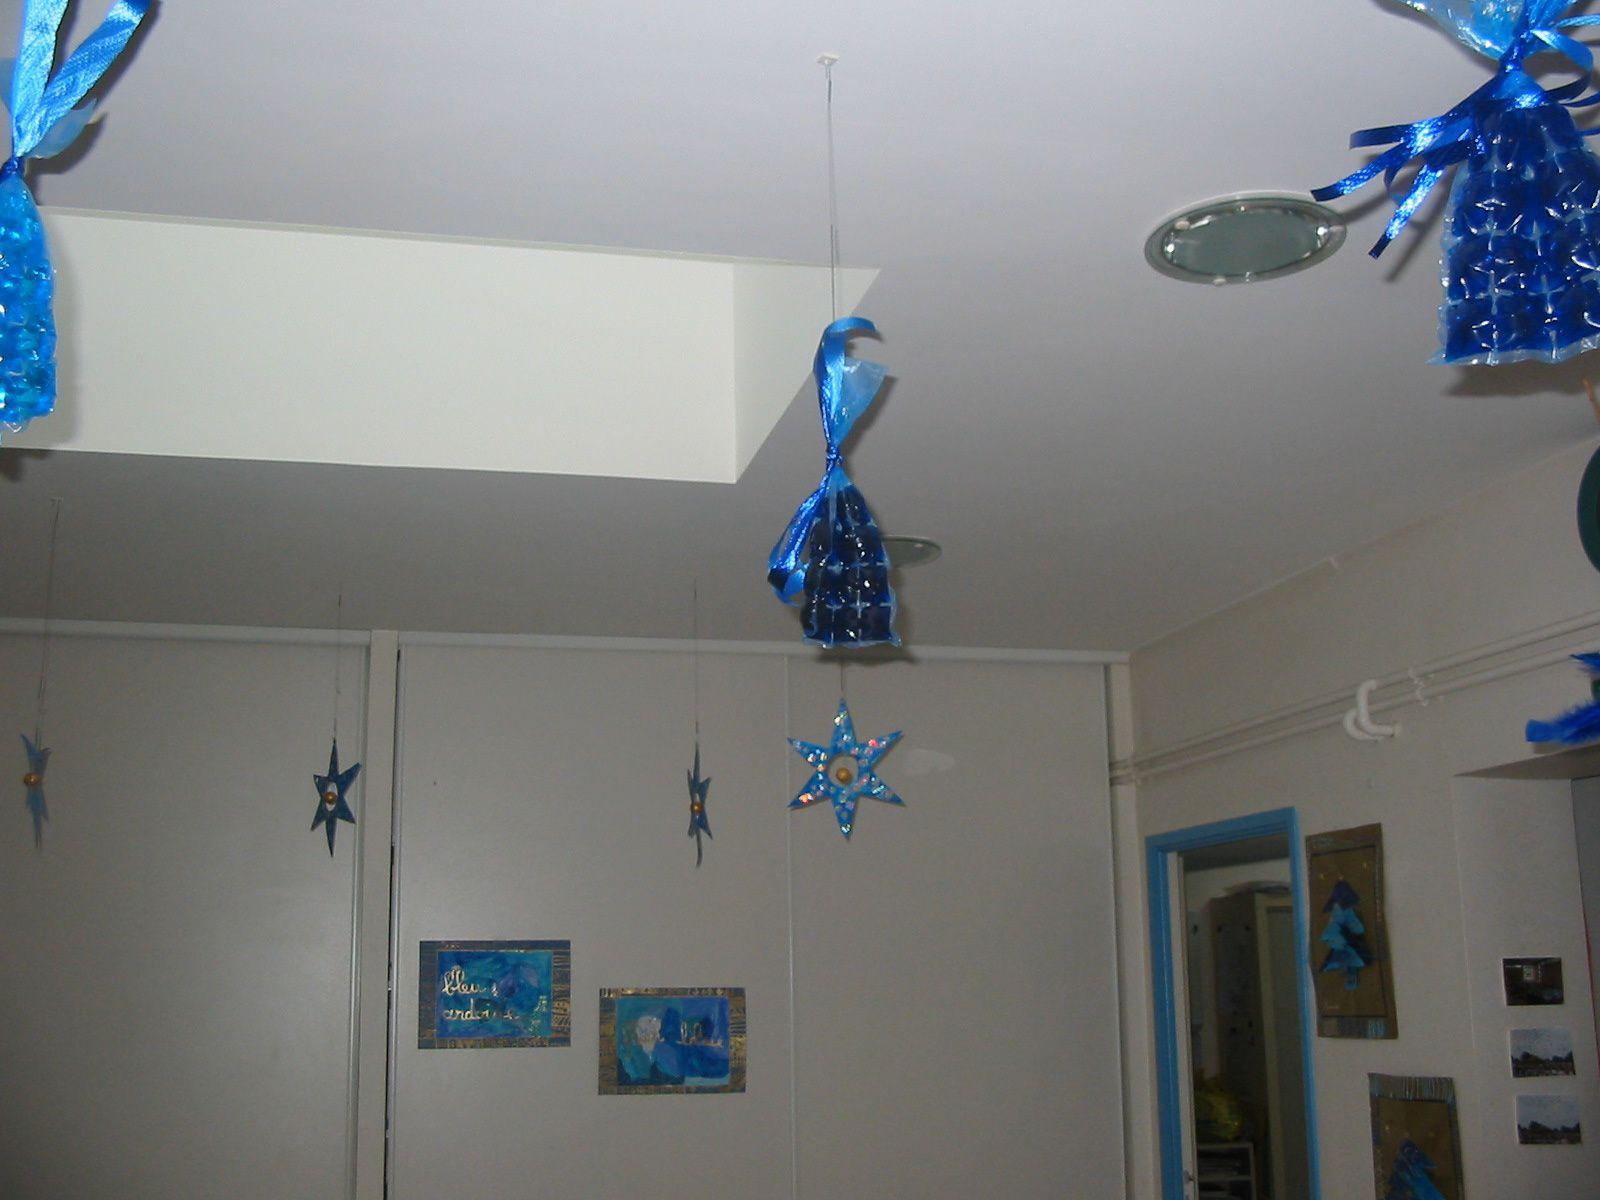 décoration d'une école maternelle pour Noël sur le thème du bleu